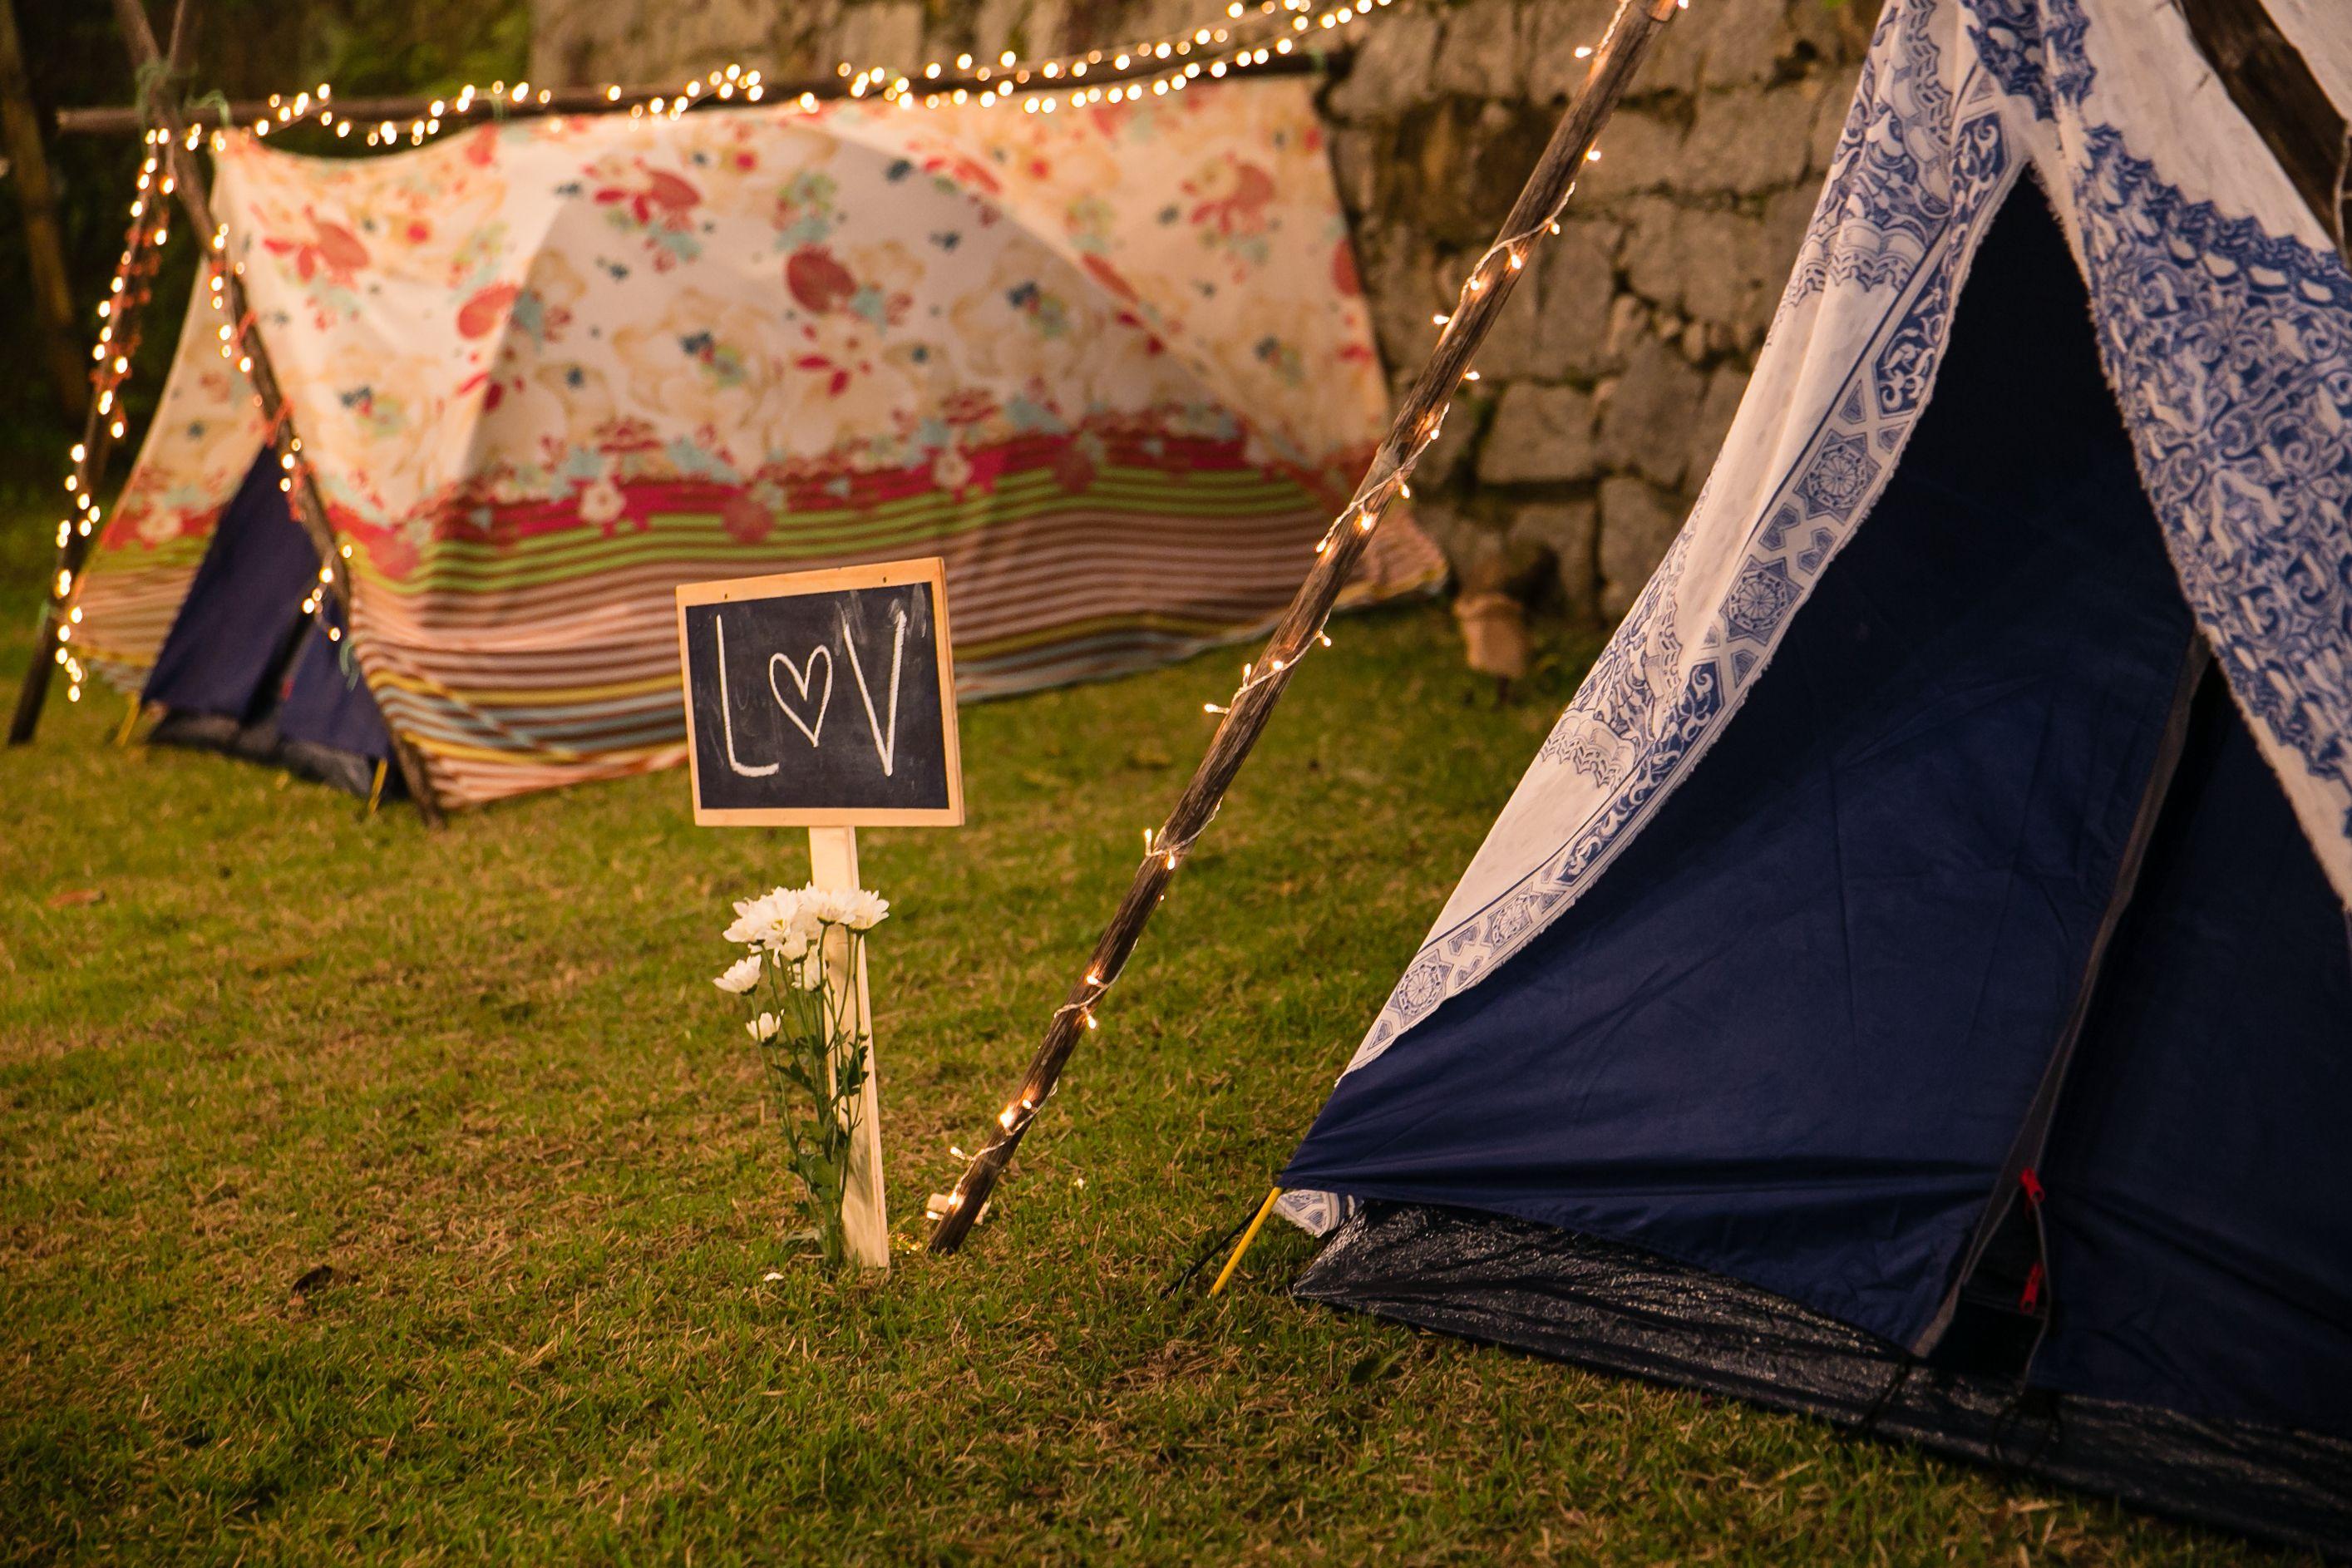 Camping Do Amor Adorofarm Camping Decor Com Imagens Camping